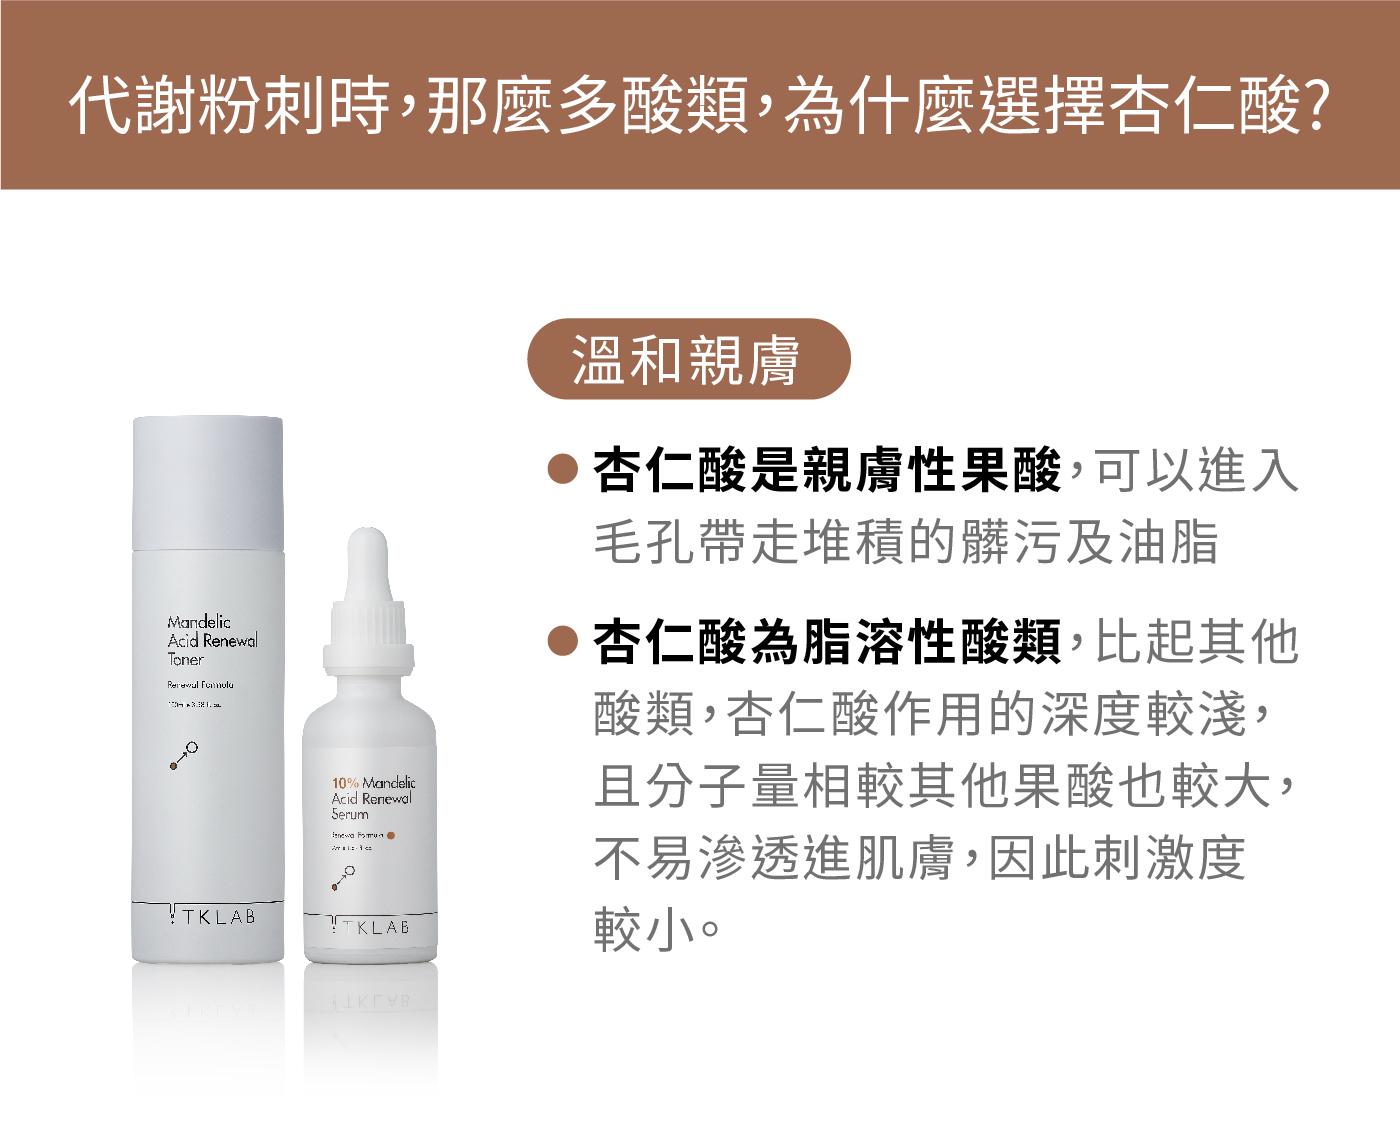 使用親脂性酸類,幫助代謝角質、暢通毛孔